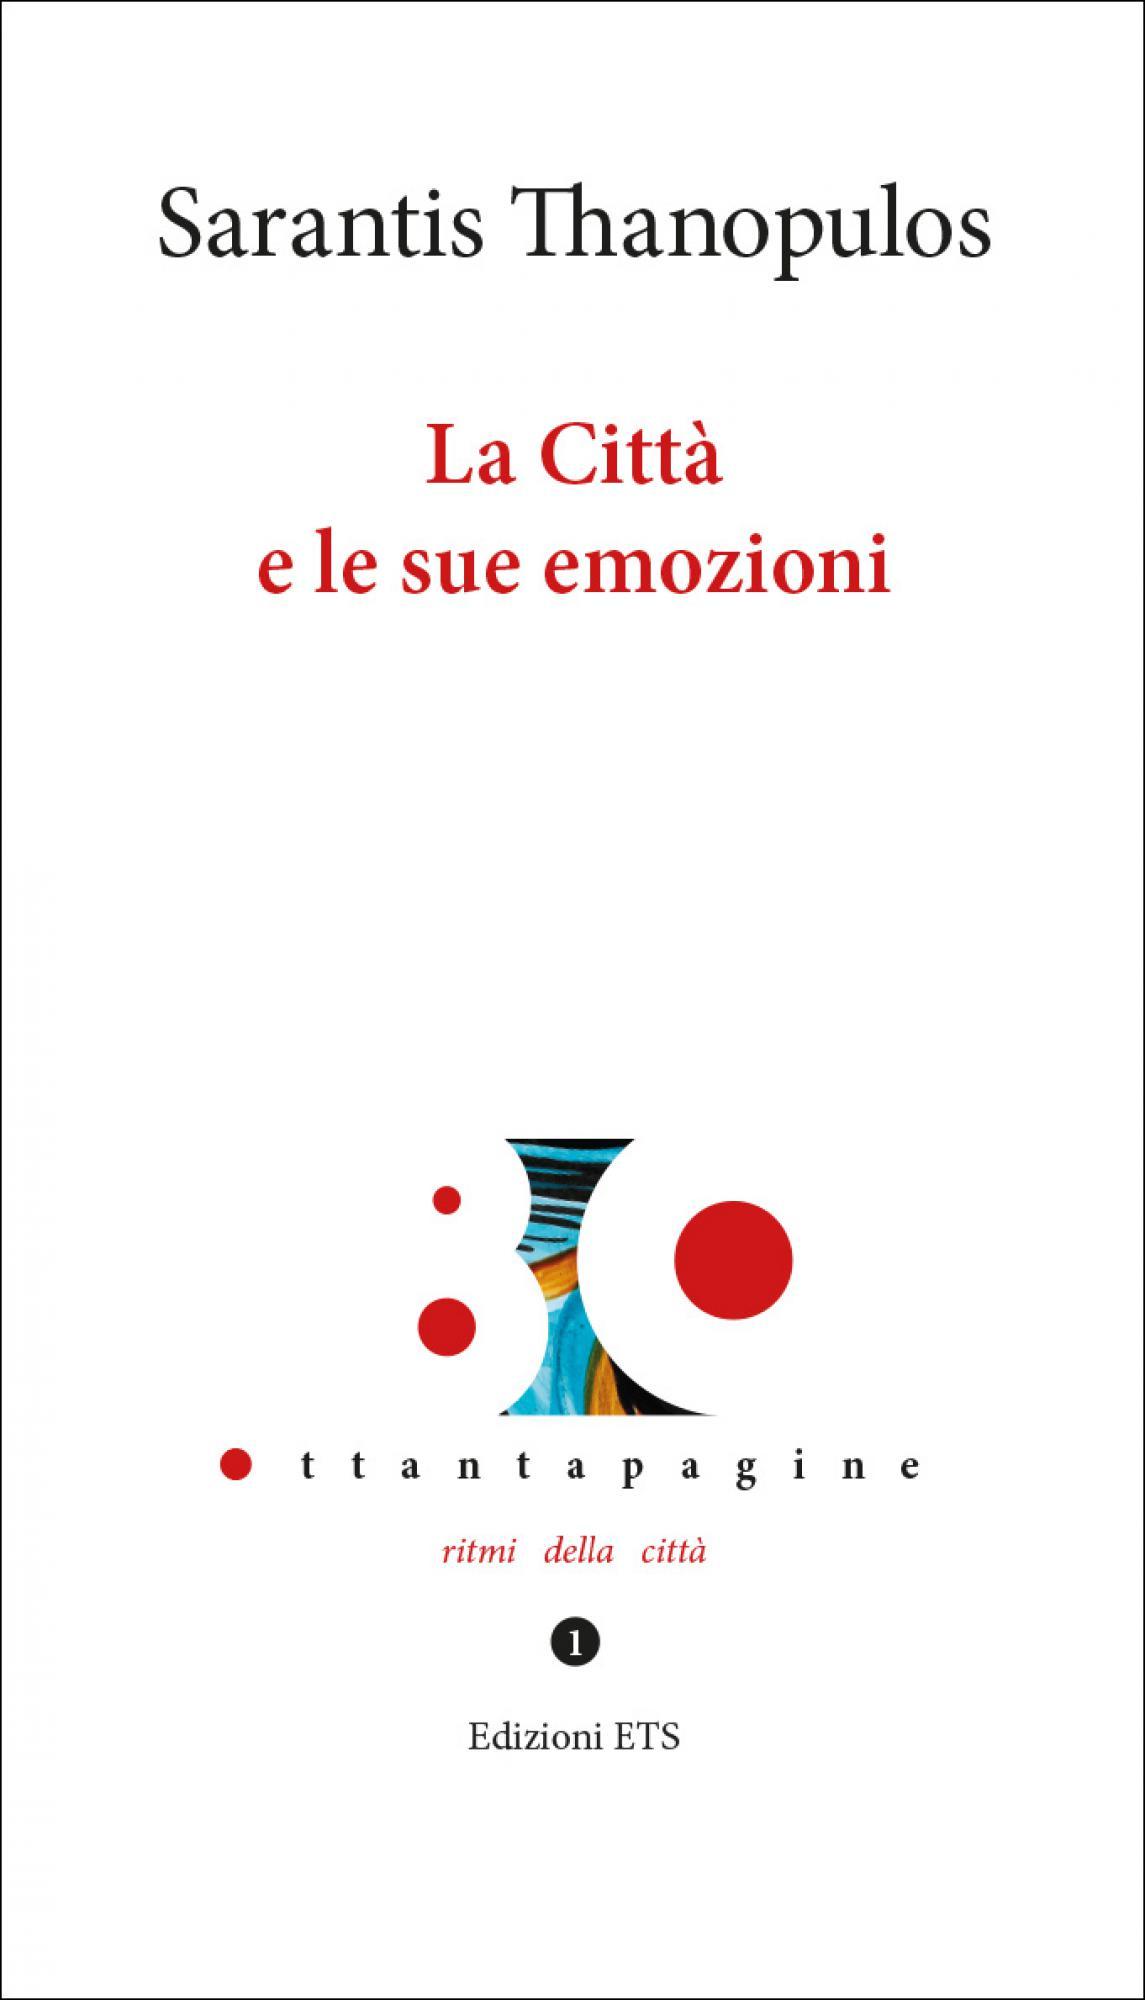 La Città e le sue emozioni